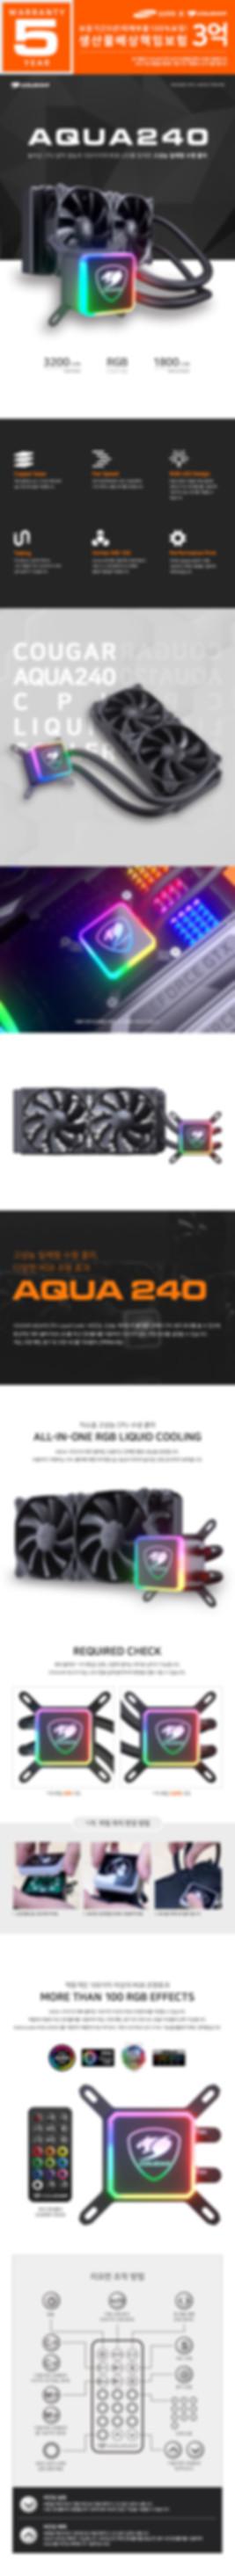 AQUA-240_1.jpg